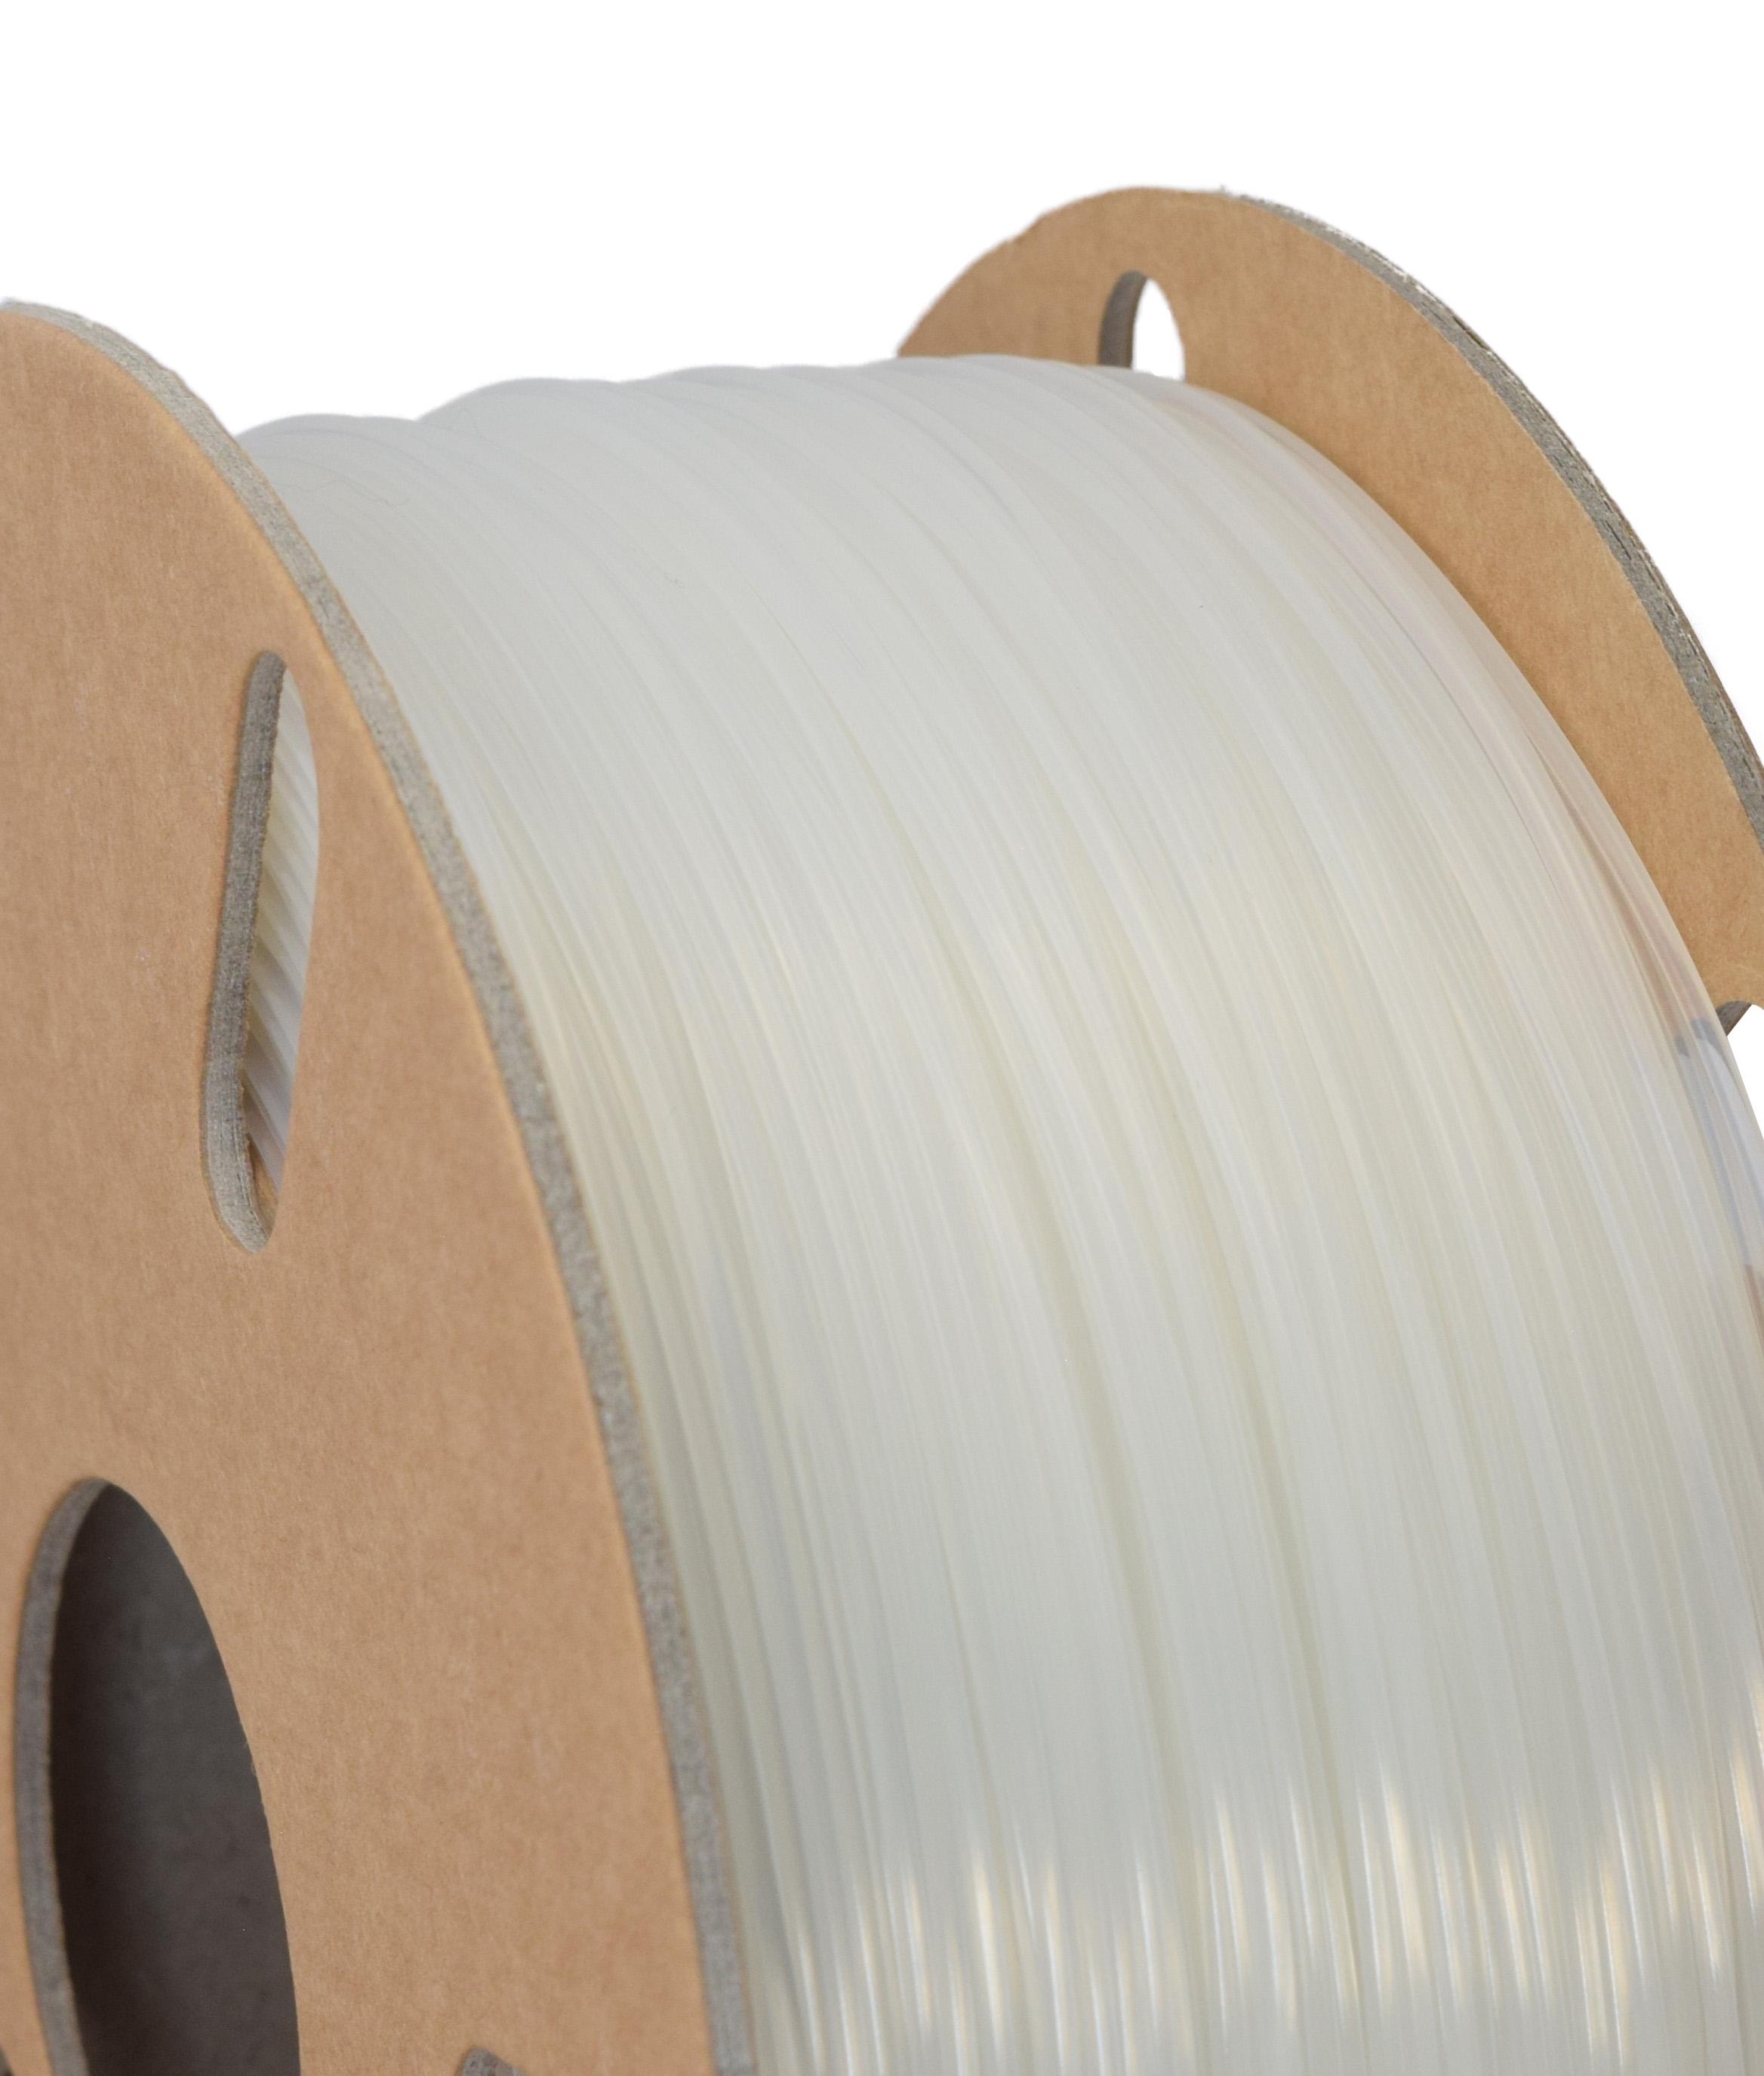 PLA Natural - 3D Printer Filament